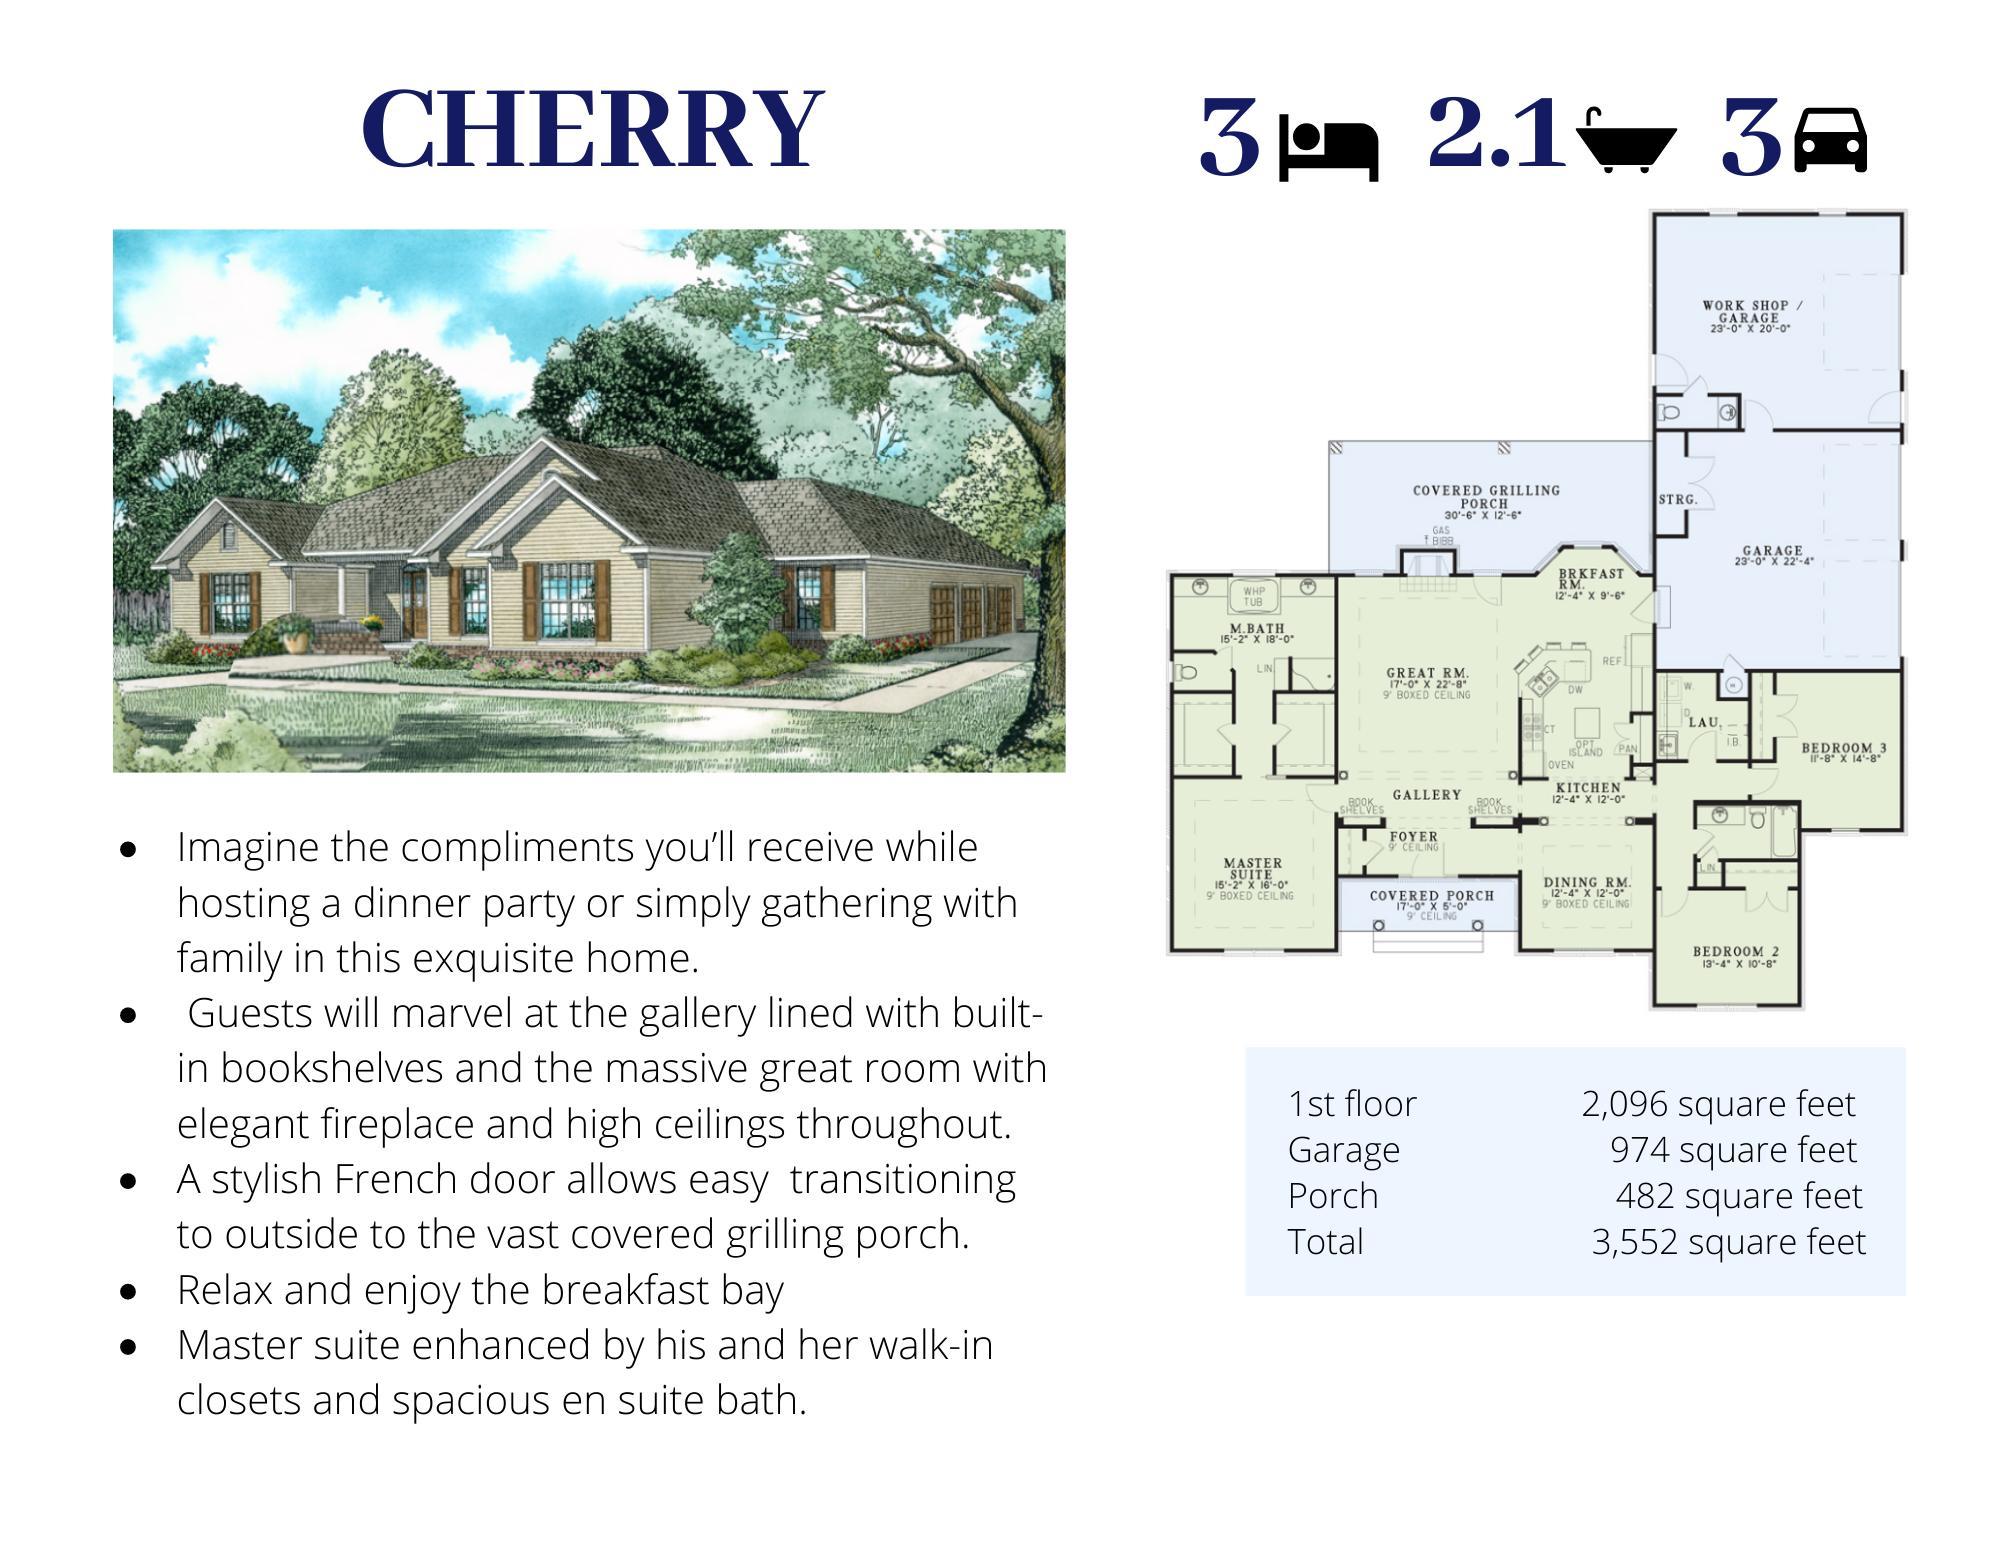 The Chery Floor Plan